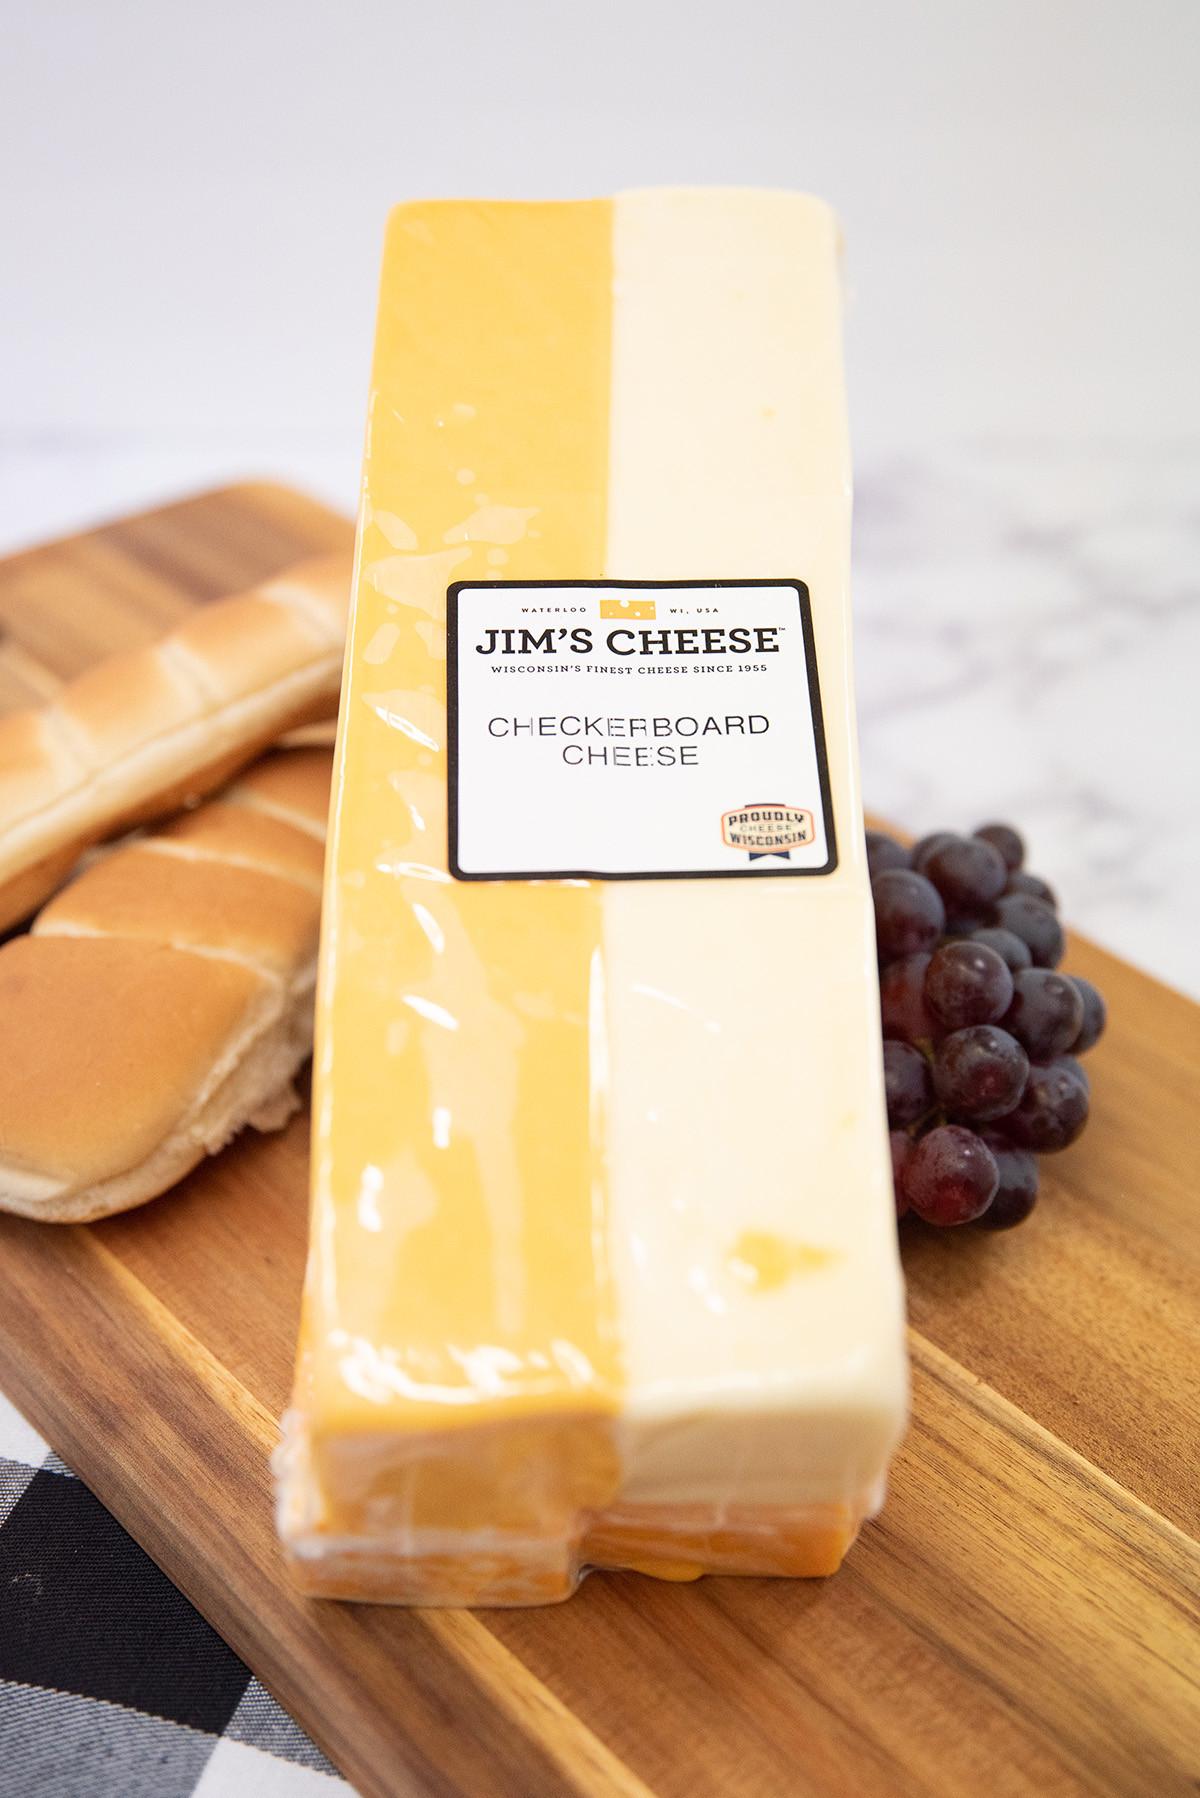 Deli Sliced - Checkerboard Cheese